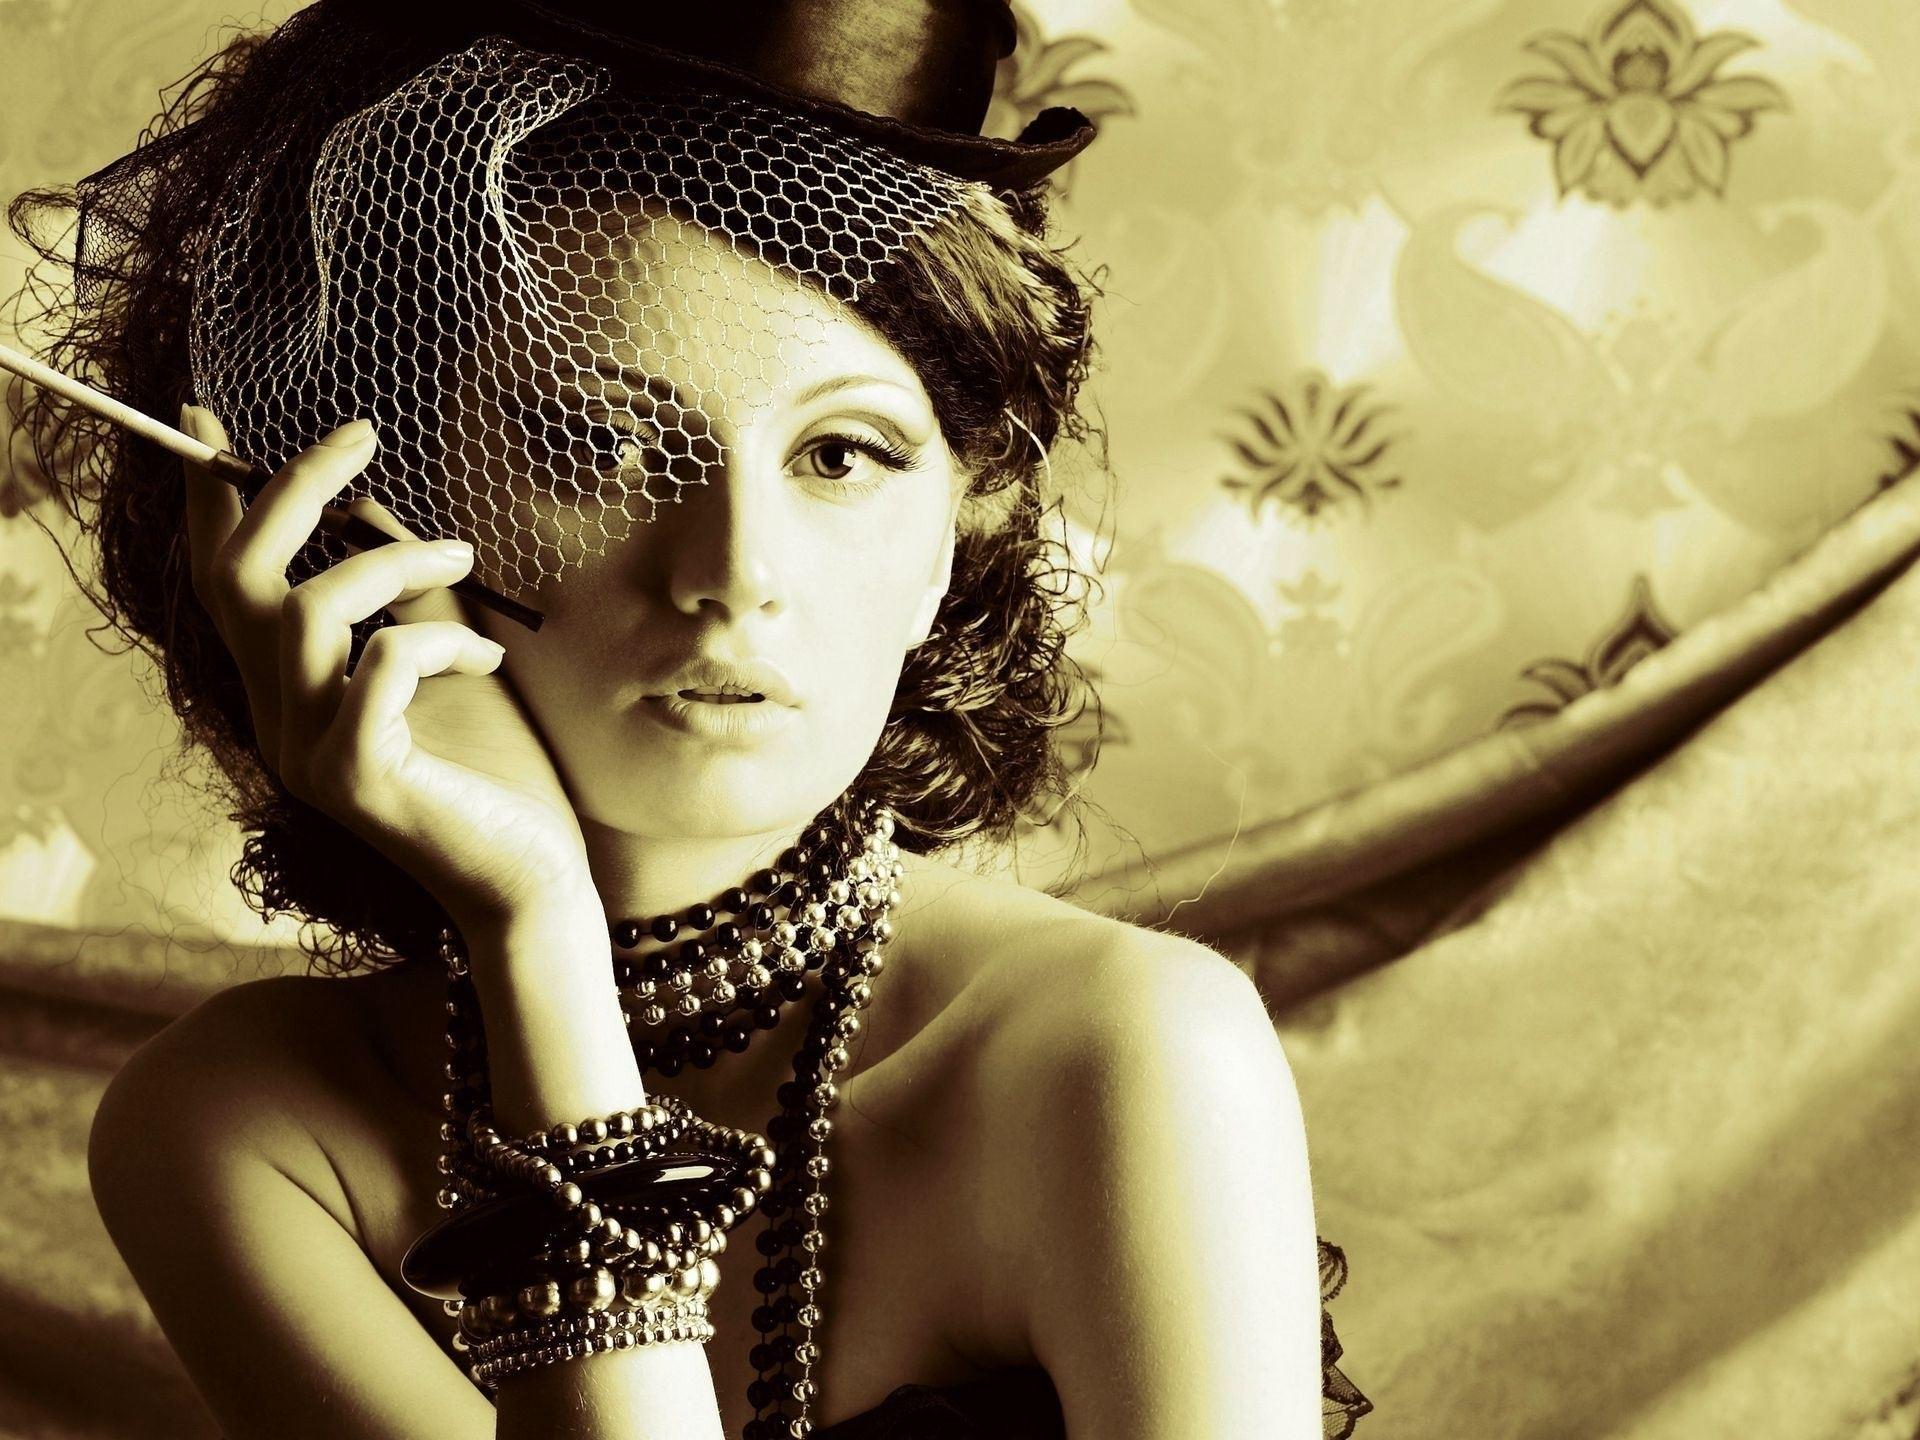 Girl Hat Cigarette Retro Wallpaper  1920x1440